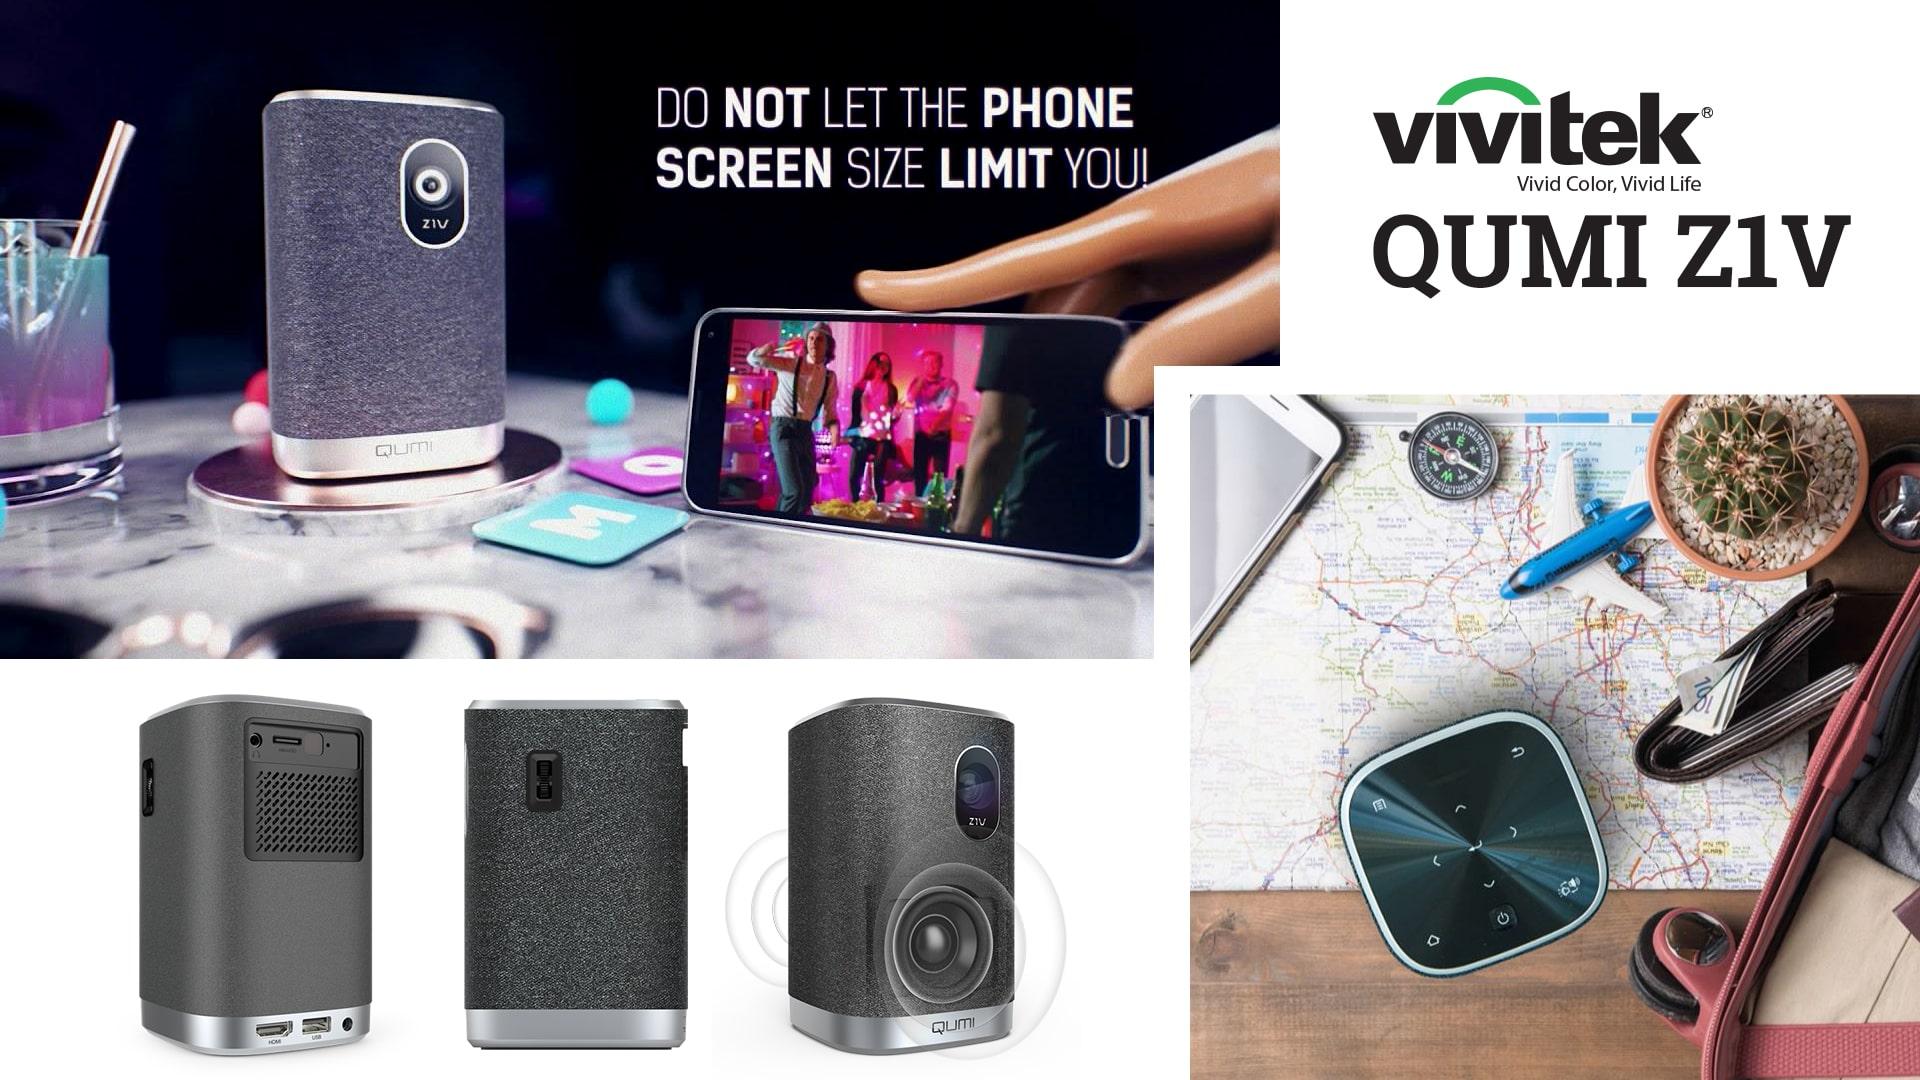 Vivitek Qumi Z1V – Mẫu máy chiếu mini được ưa chuộng nhất năm